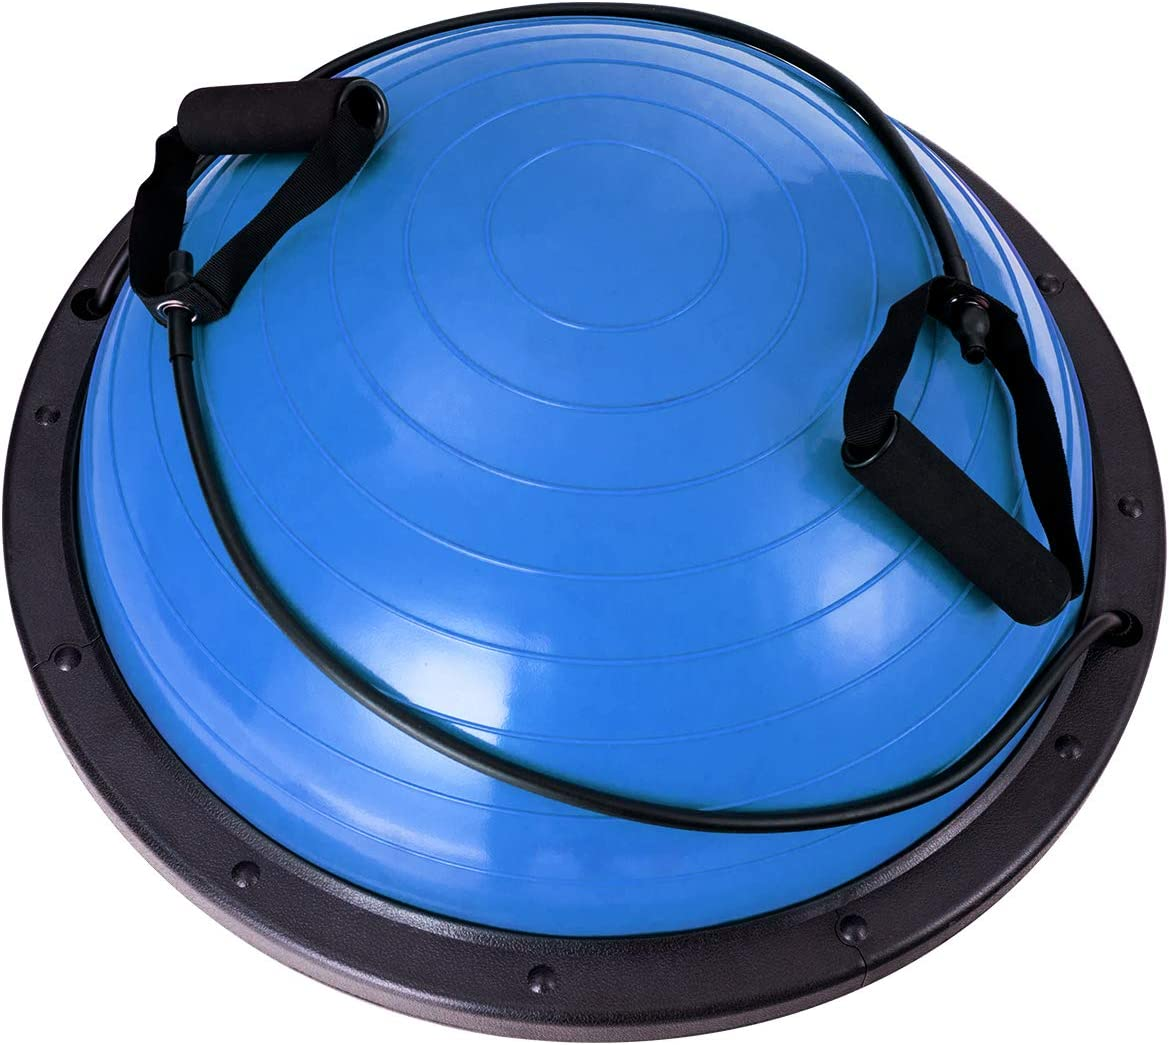 Balance Trainer Ball f/ür Gleichgewicht /& Stabilit/ät DREAMADE Yoga Balancetrainer mit Expander /& Pumpe Sport Balance Ball /φ60 cm Balancetrainer mit Belastbarkeit von 200 kg